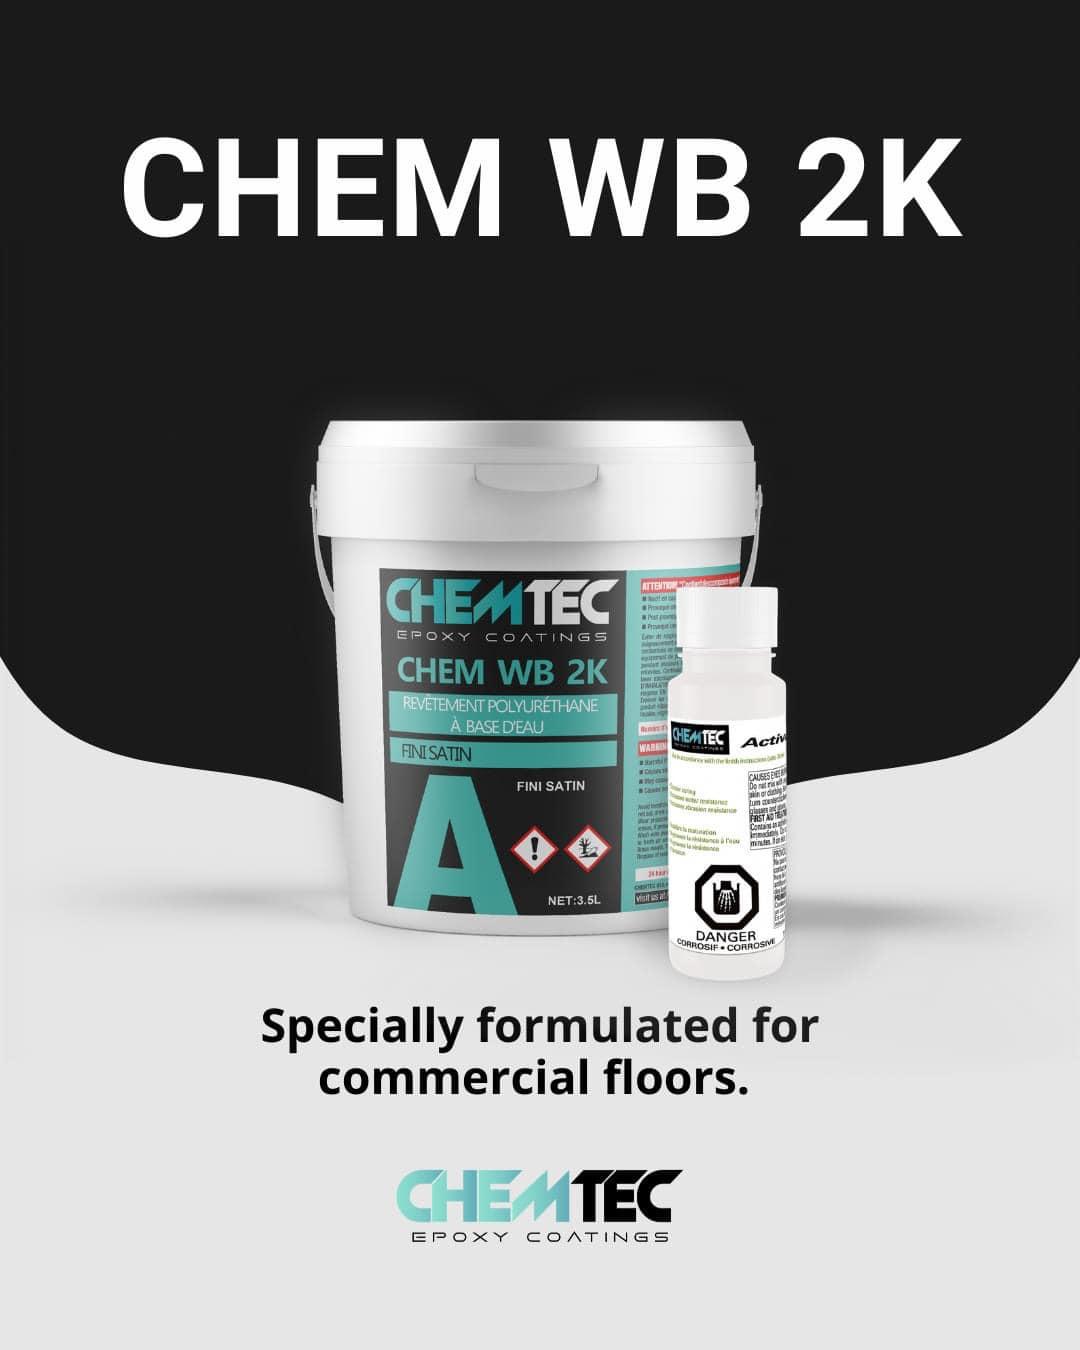 Chem WB 2K